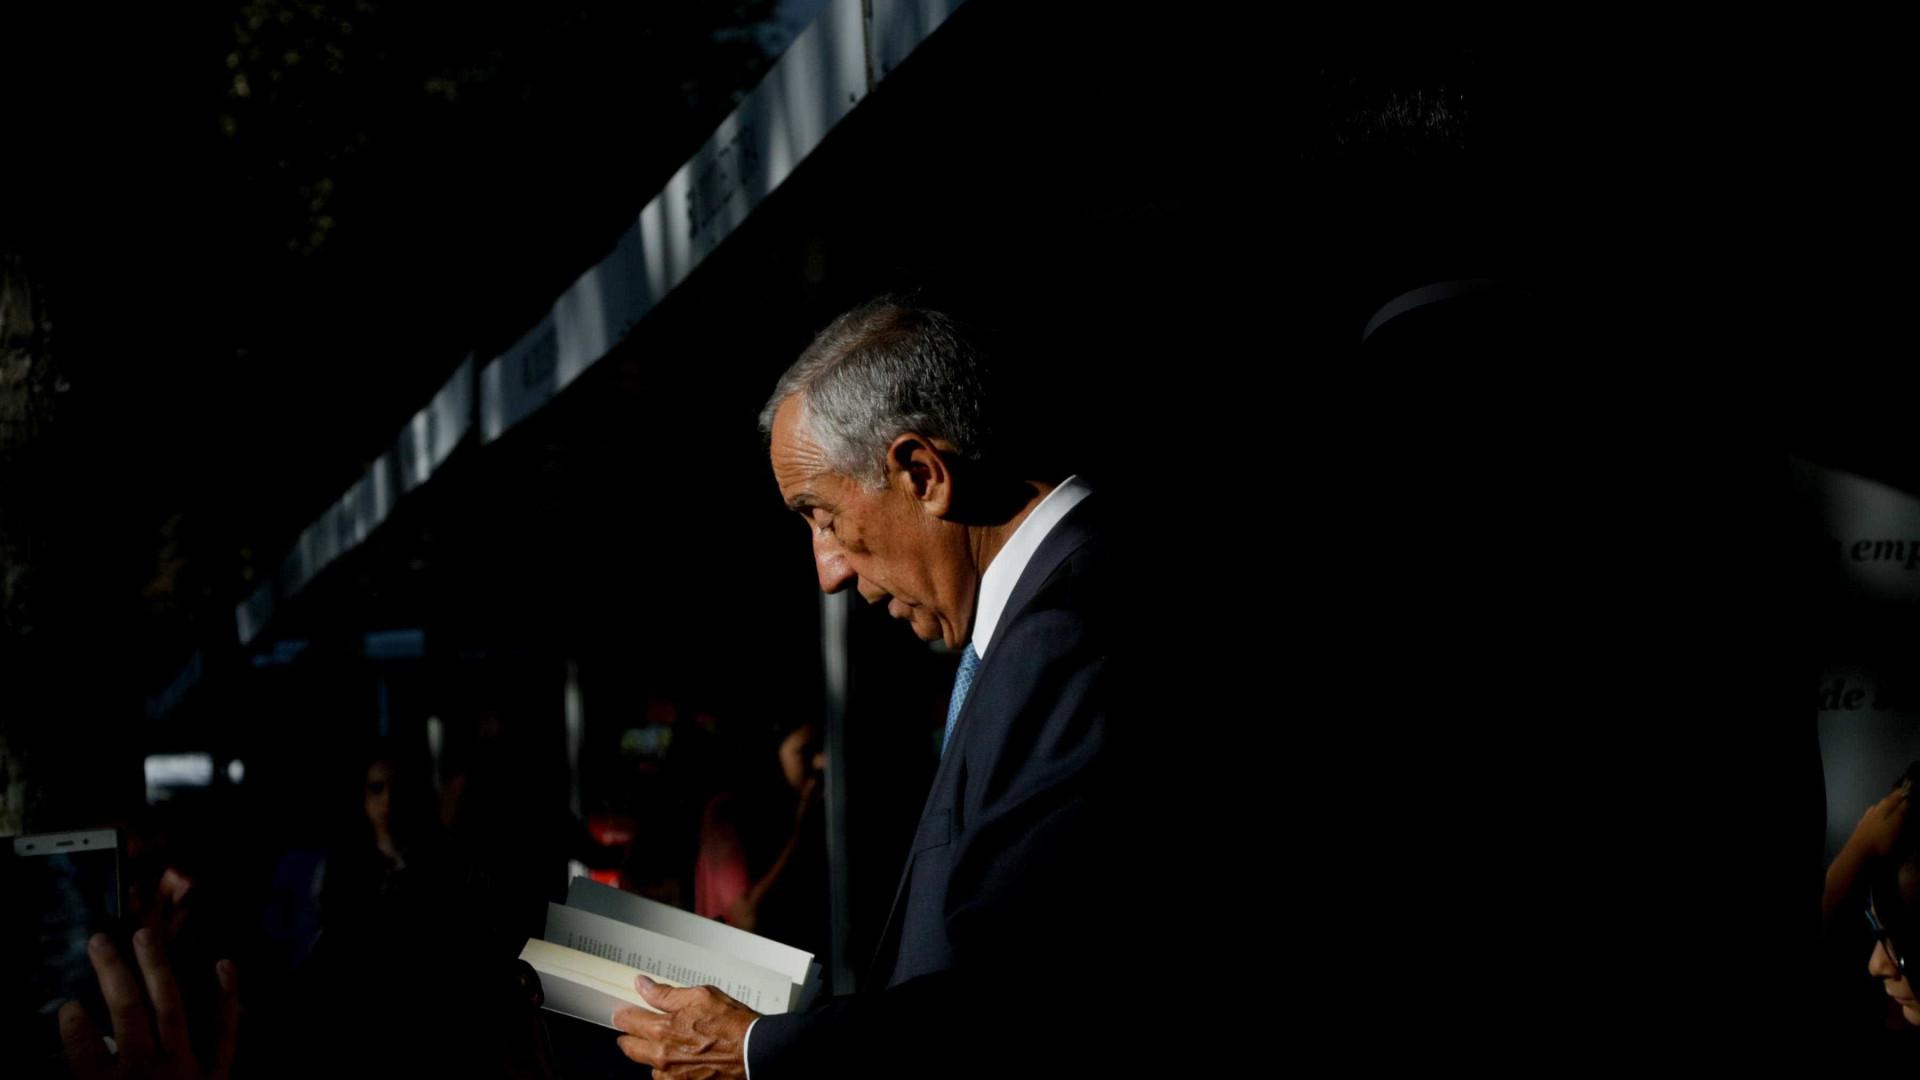 Marcelo pede convergências em poder público, saúde e justiça até eleições